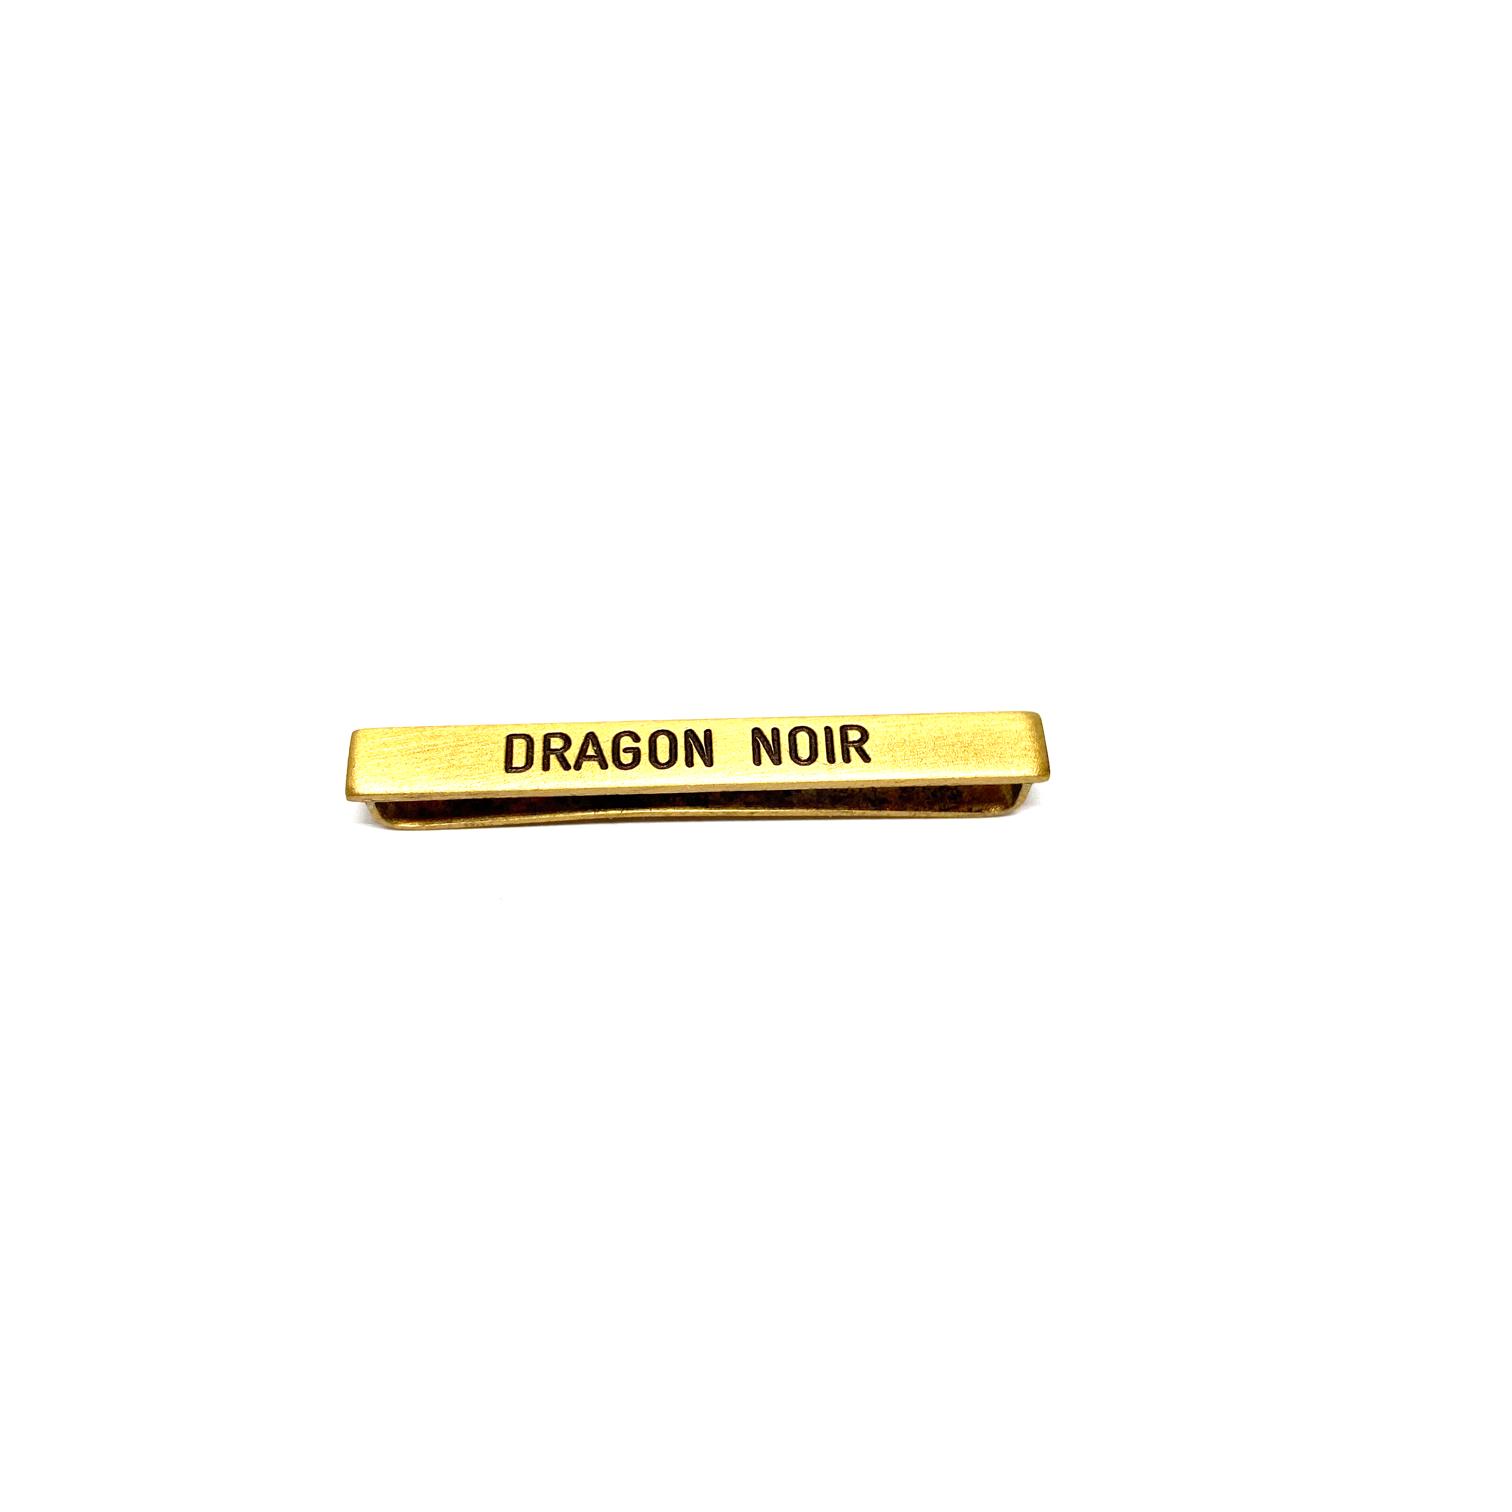 Baret Dragon Noir voor militaire eretekens